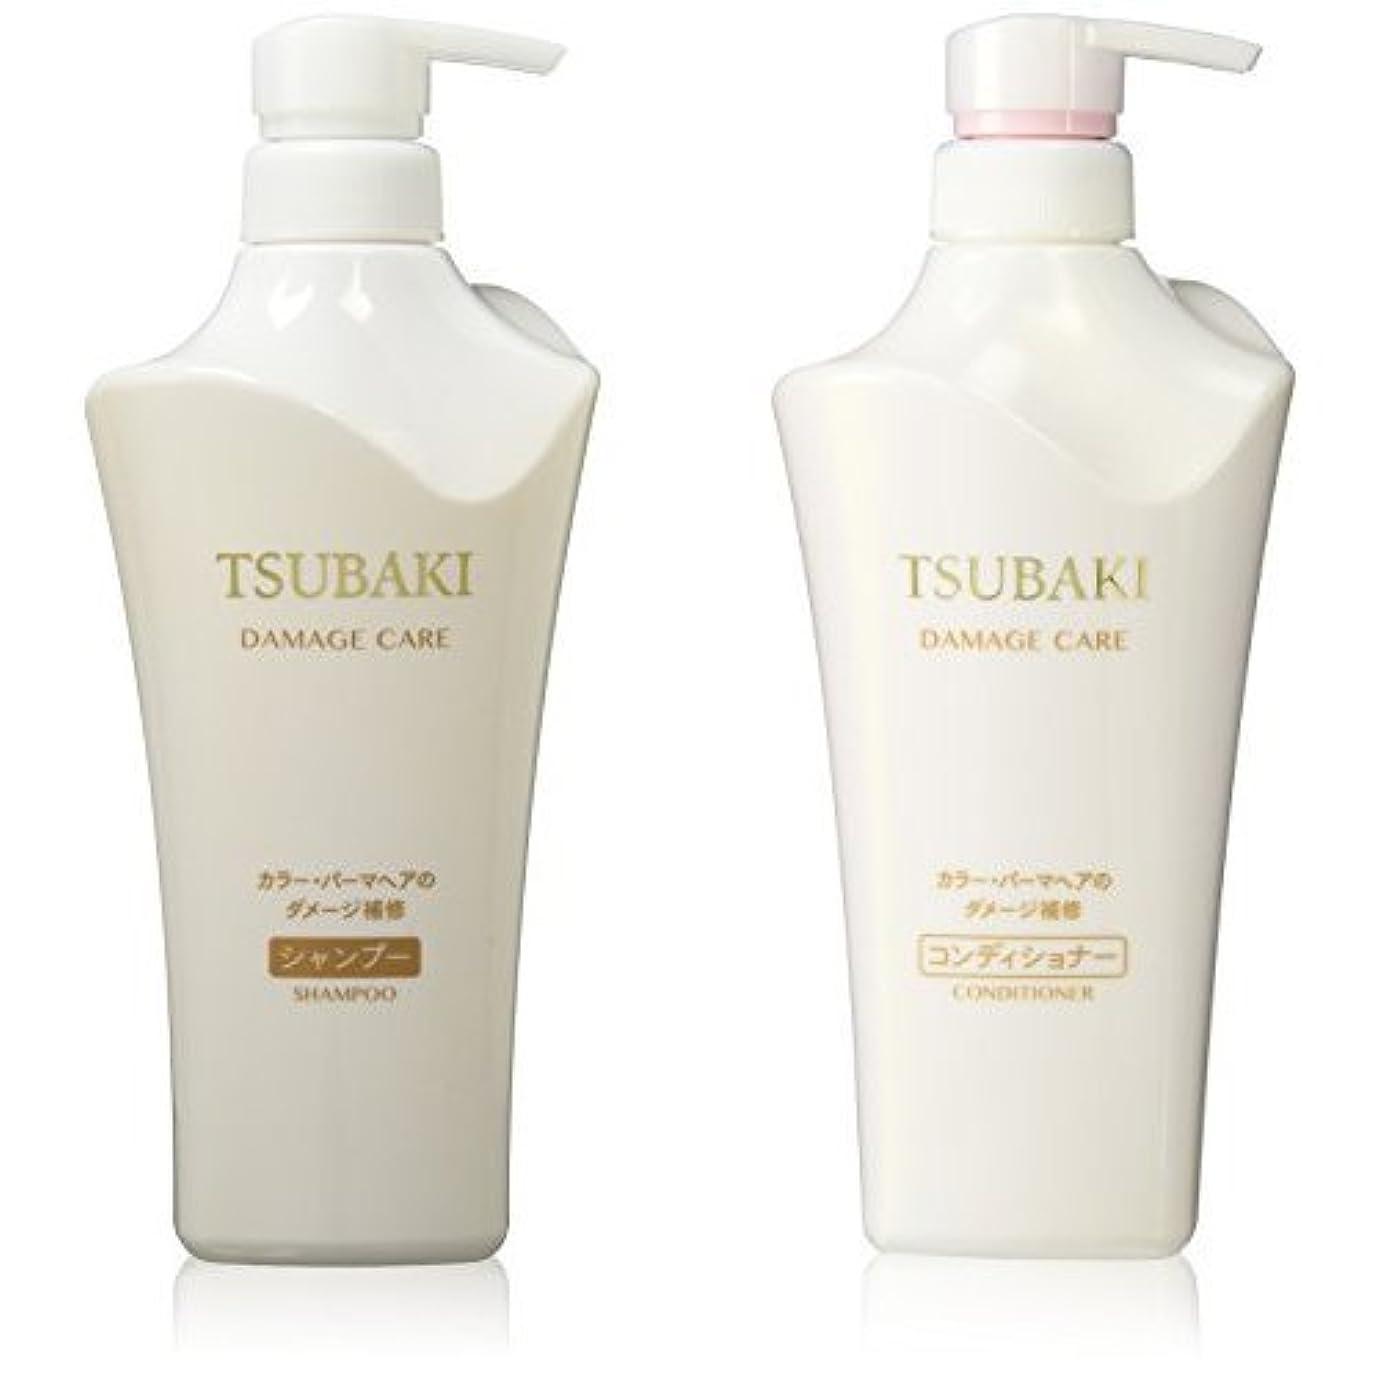 どうしたの組み合わせチューリップ【セット買い】 TSUBAKI ダメージケア (カラーダメージ髪用) シャンプー本体 & コンディショナー本体